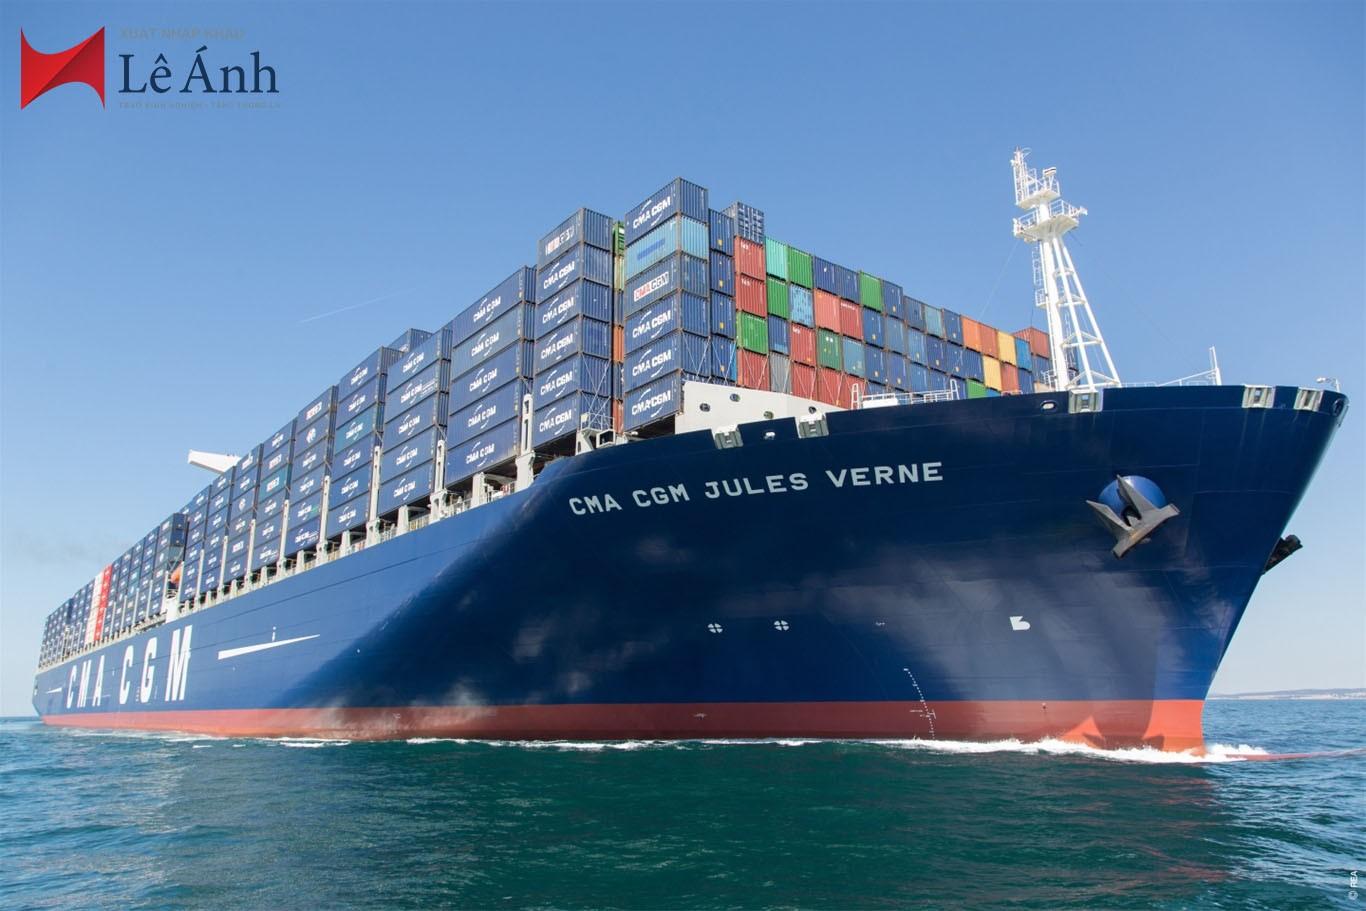 Quy trình xuất khẩu lô hàng bằng đường biển